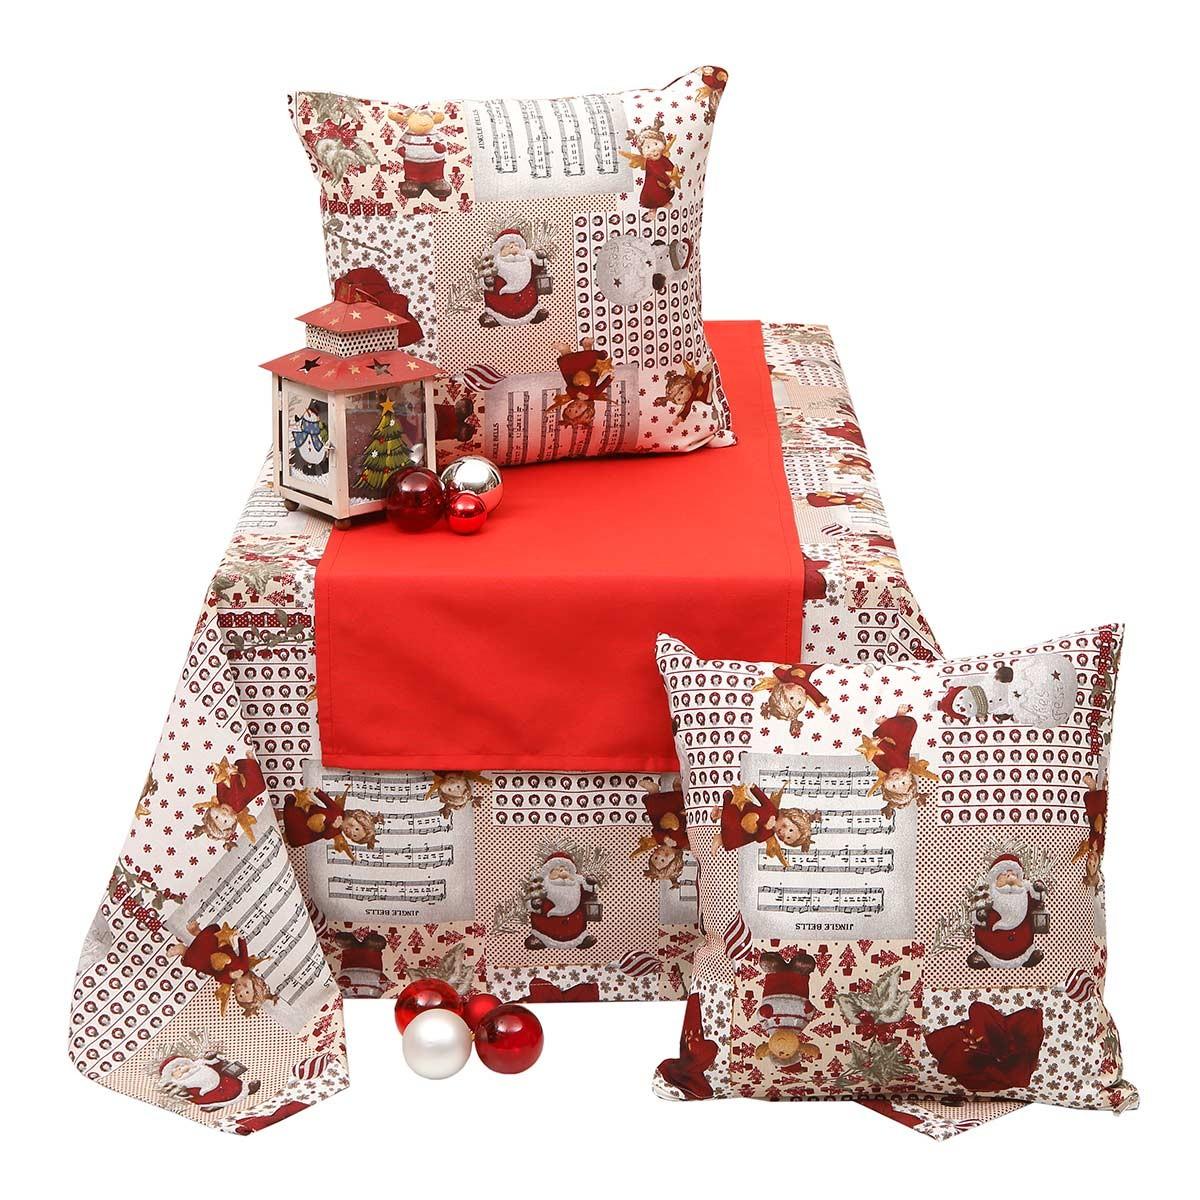 Χριστουγεννιάτικη Τραβέρσα (Σετ 2τμχ) Viopros 4435